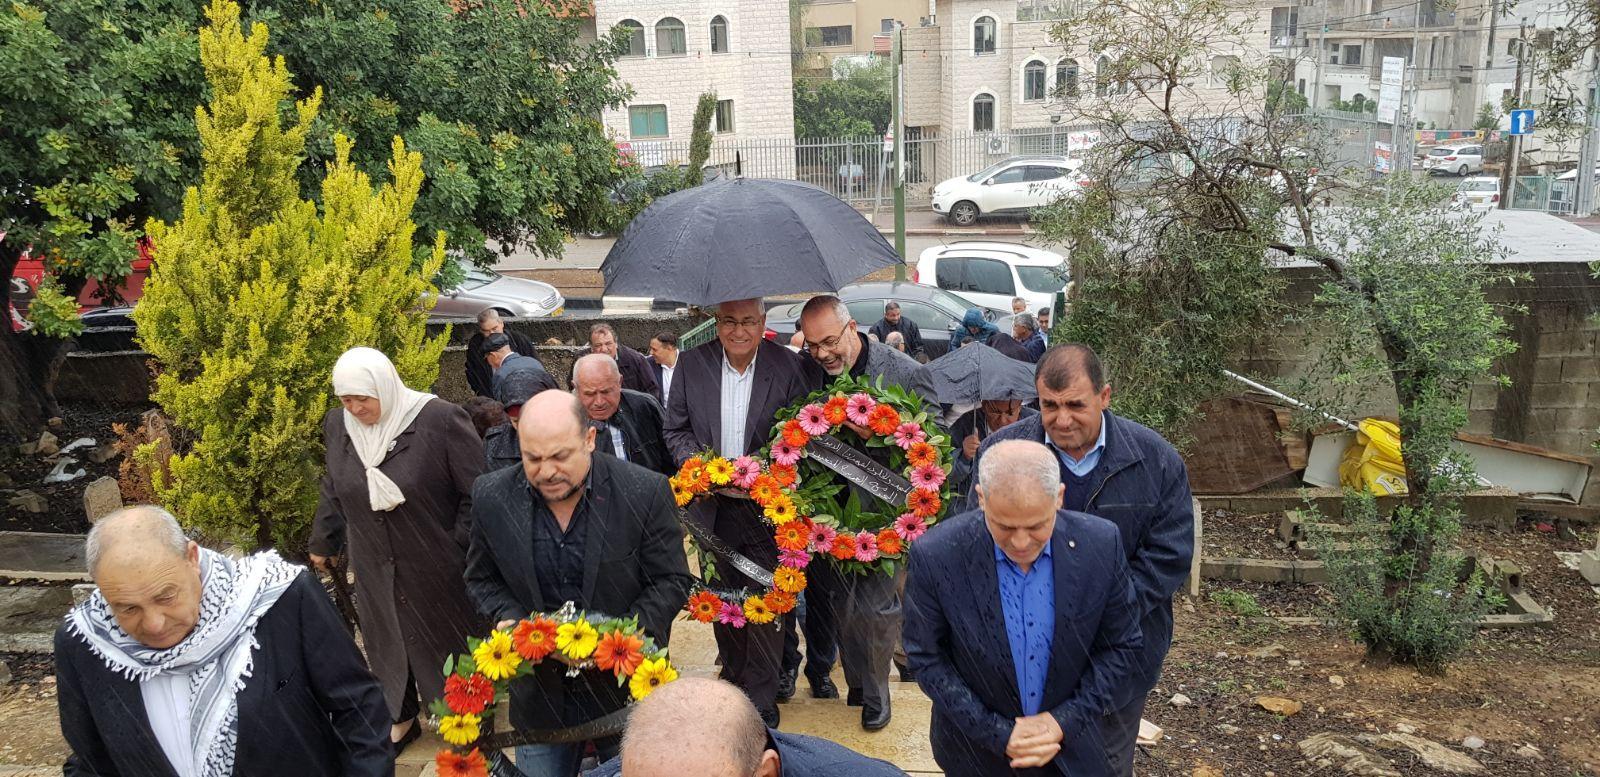 يوم الأرض: أكاليل الزهور تغطي أضرحة الشهداء